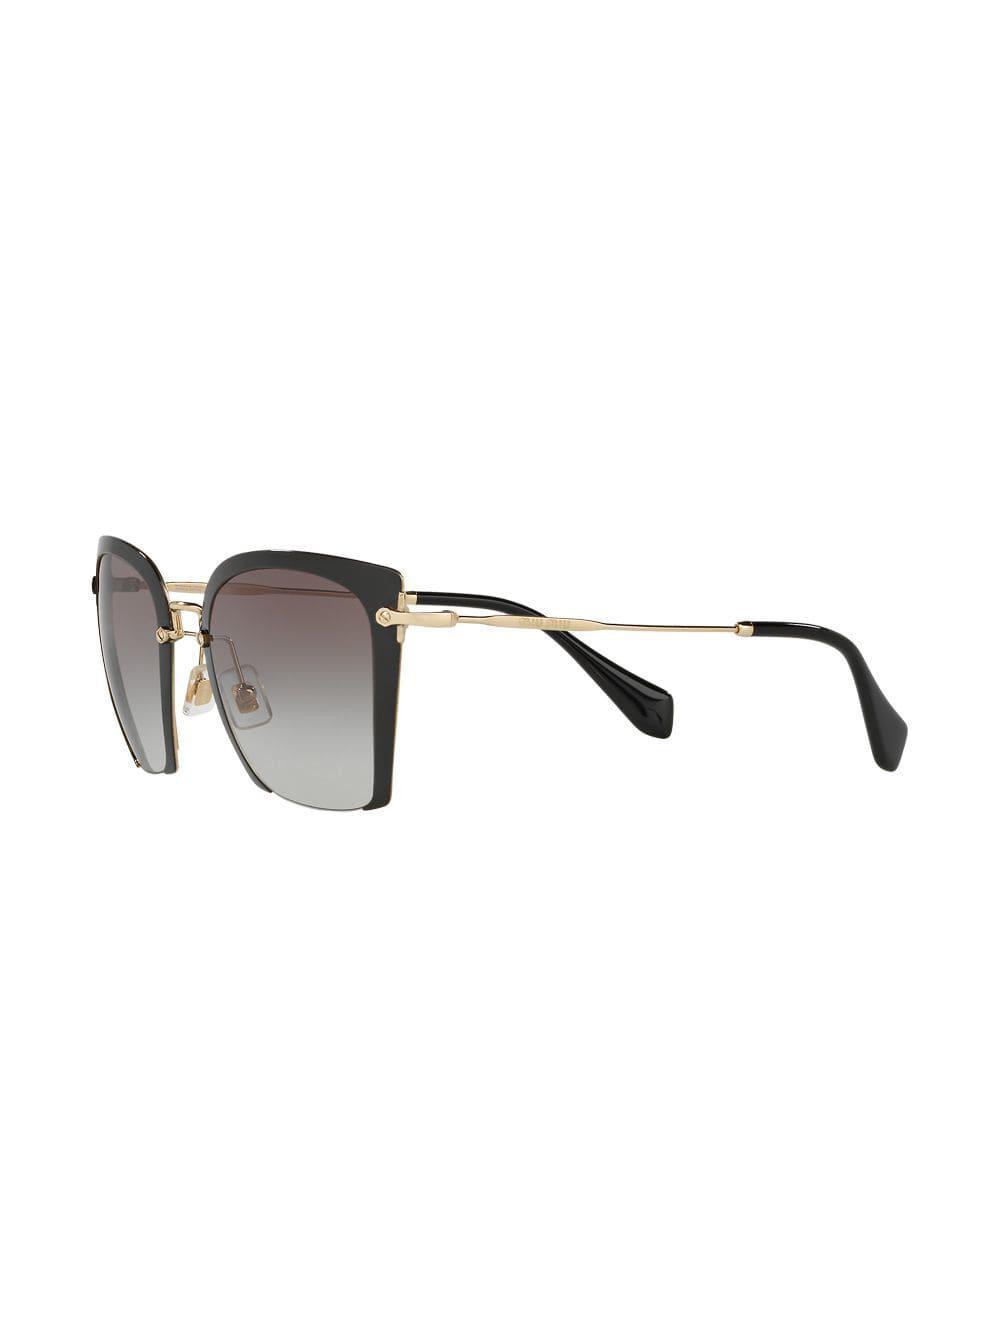 4342fcd0221f Miu Miu Rasoir Sunglasses in Black - Lyst